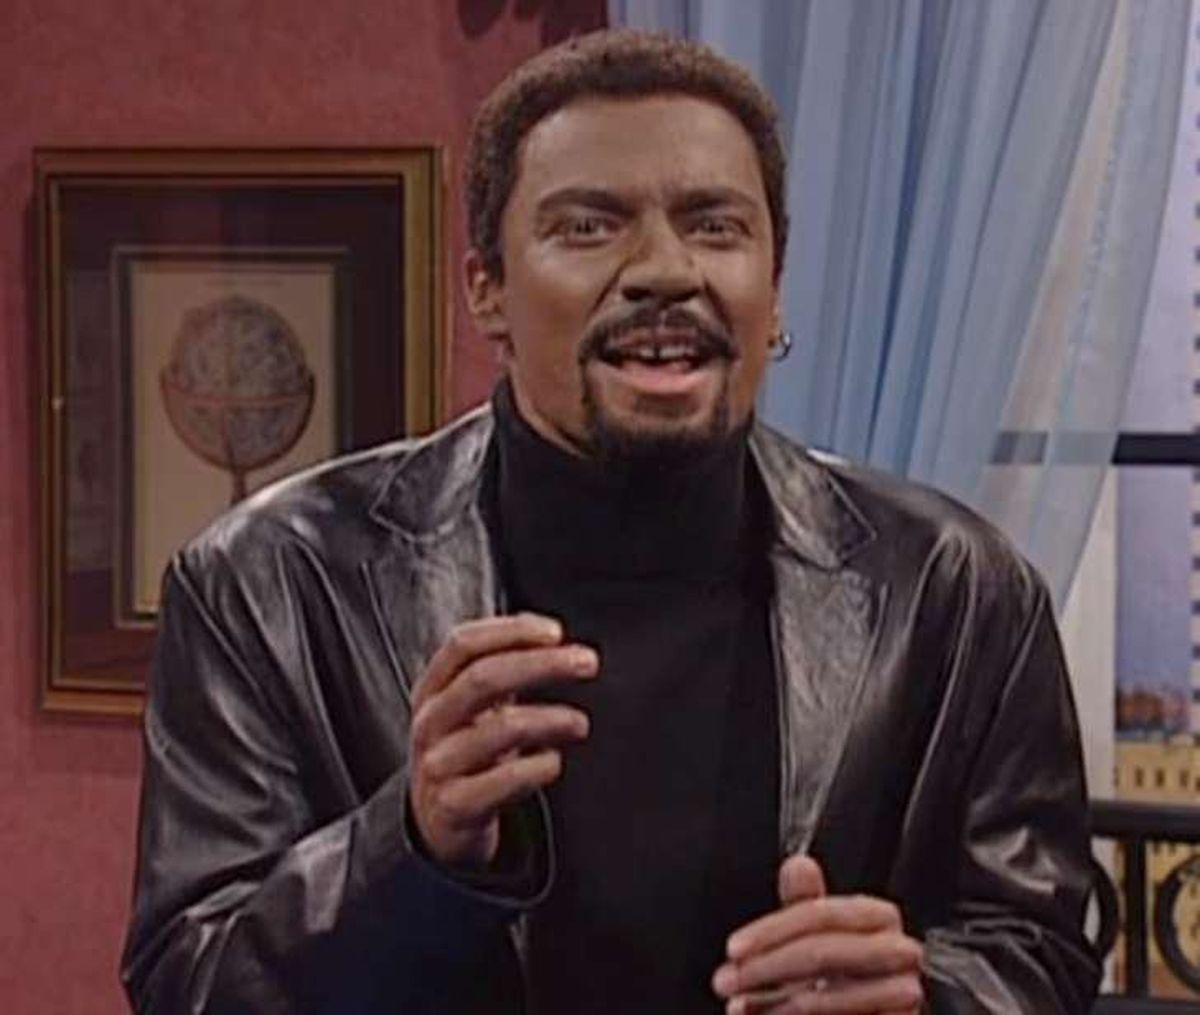 Jimmy Fallon as Chris Rock on SNL